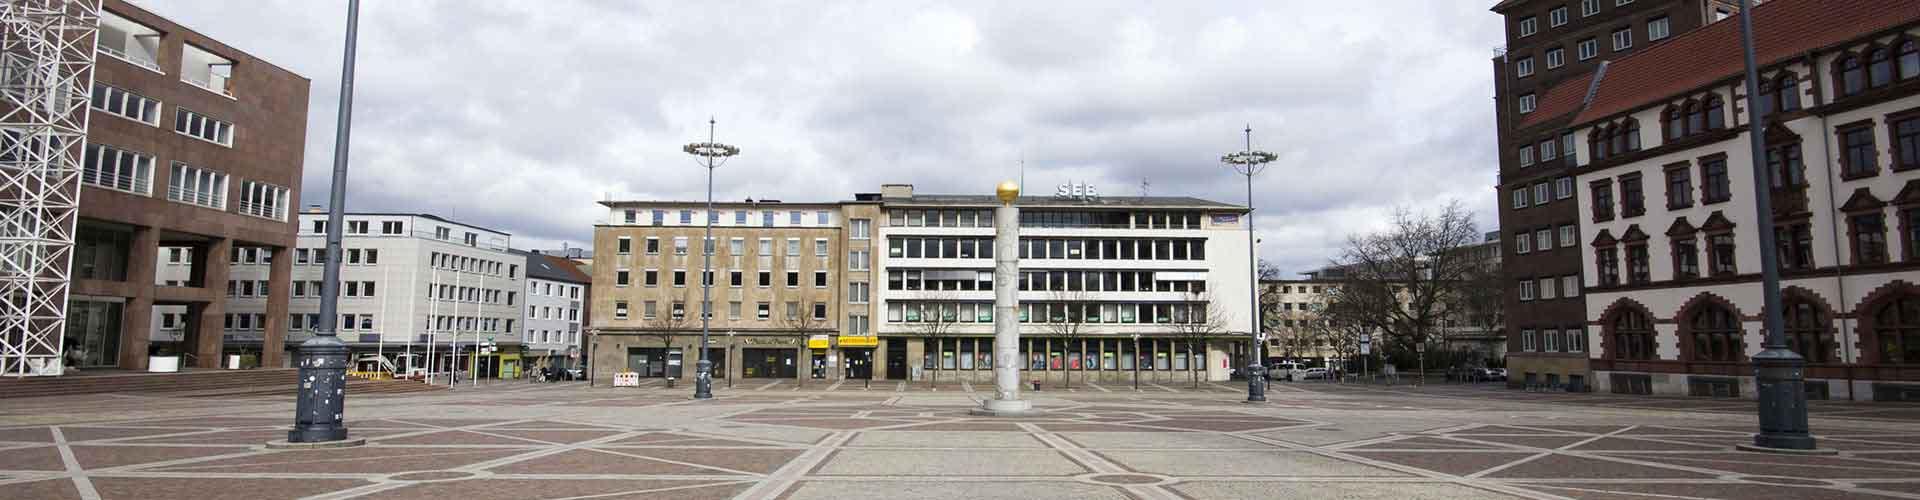 Dortmund - Apartamentos en Dortmund. Mapas de Dortmund, Fotos y comentarios para cada Apartamento en Dortmund.